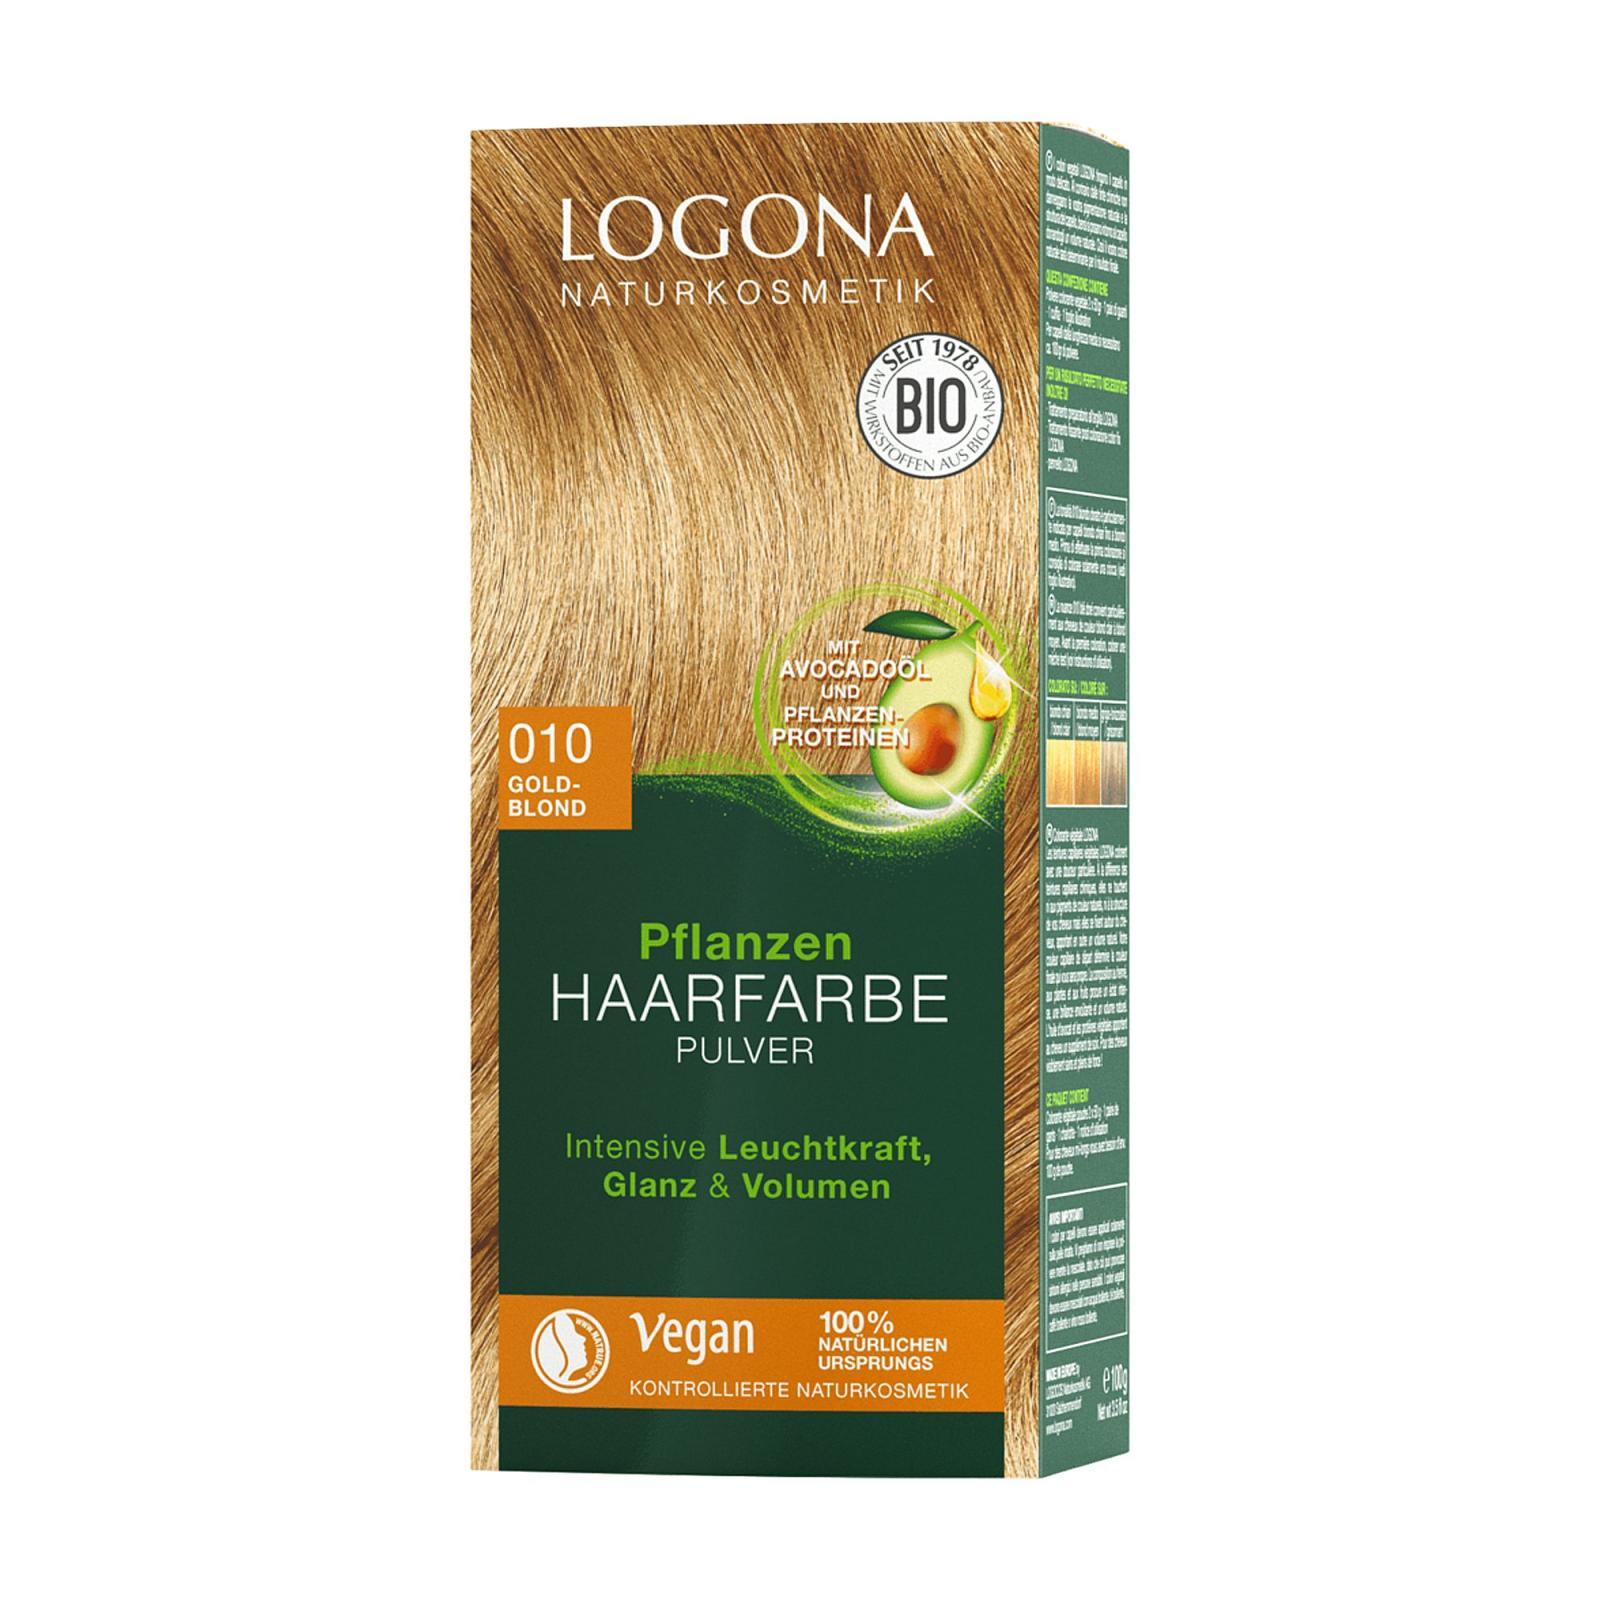 Logona Prášková barva na vlasy zlatá blond, 010 100 g